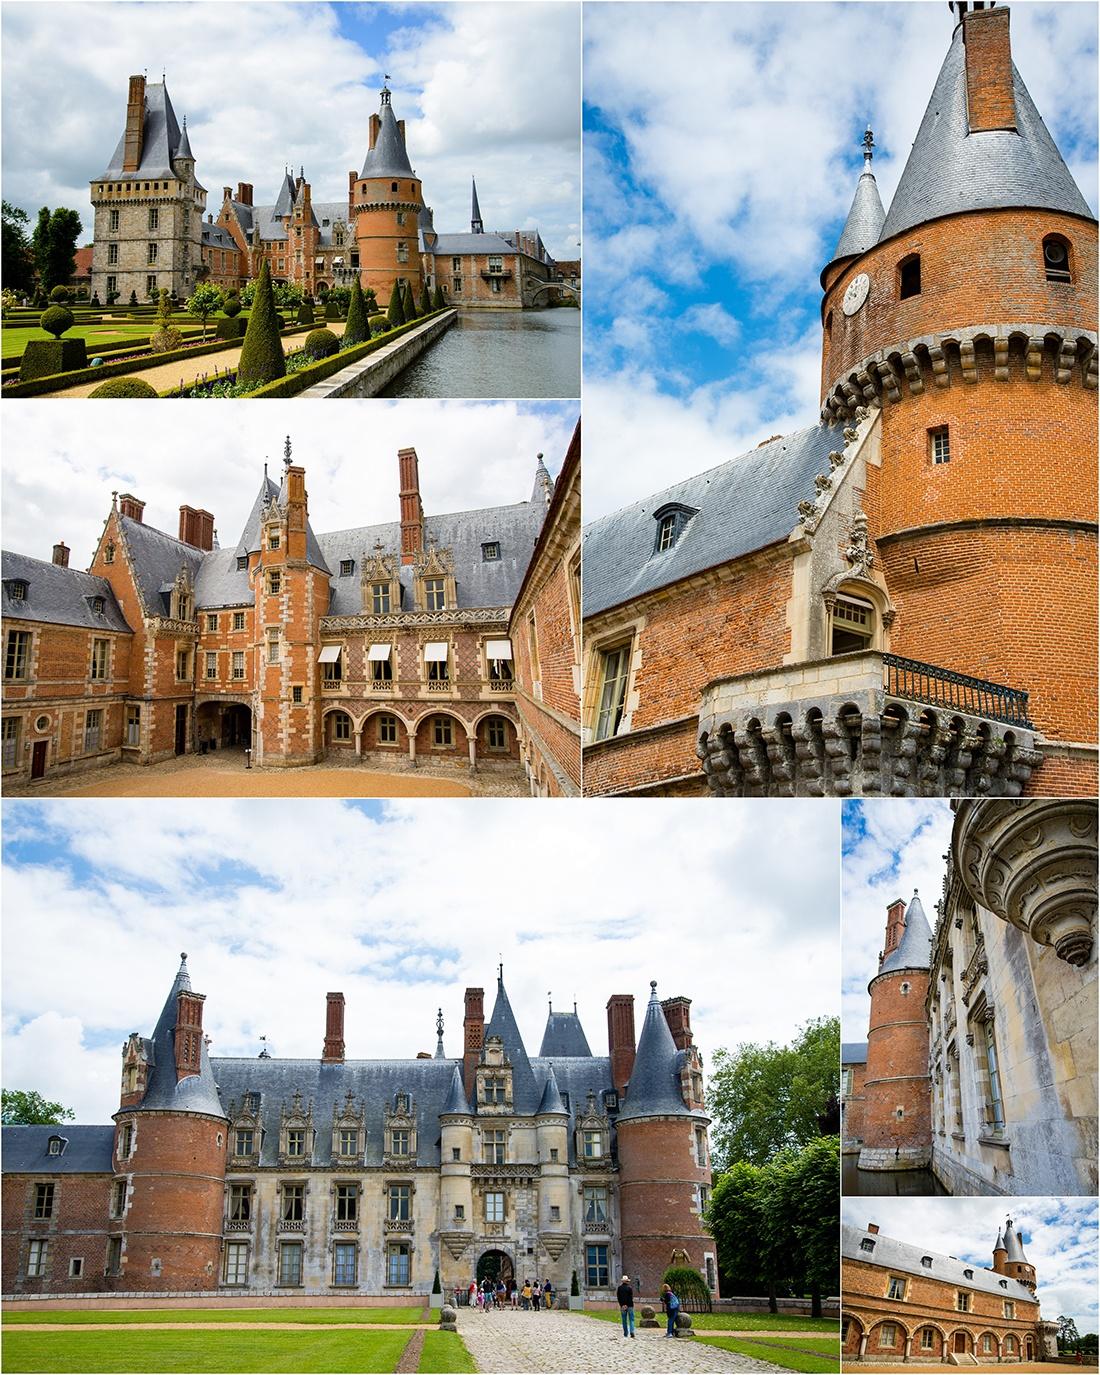 visite du Château de maintenon, Chartres